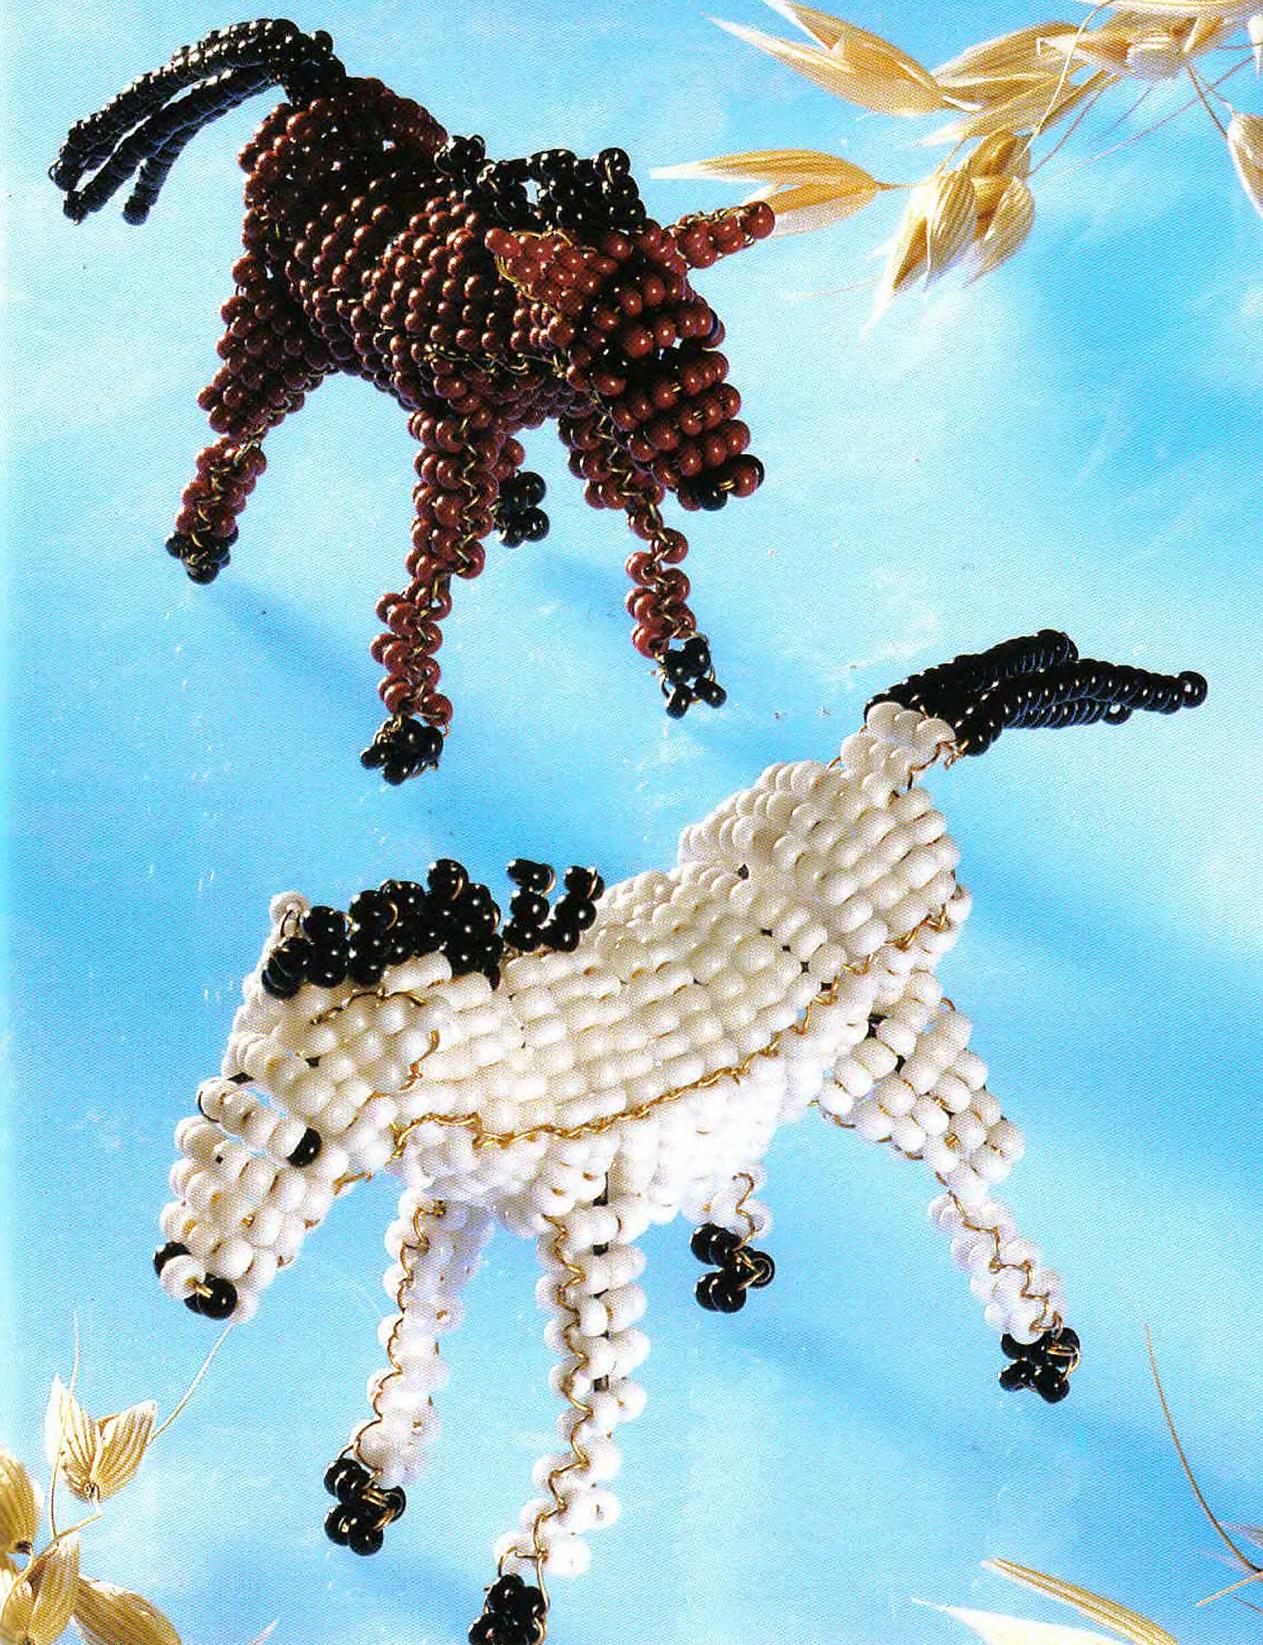 Маленькая объемная фигурка зебры из бисера.  Отличный сувенир. схема плетения.